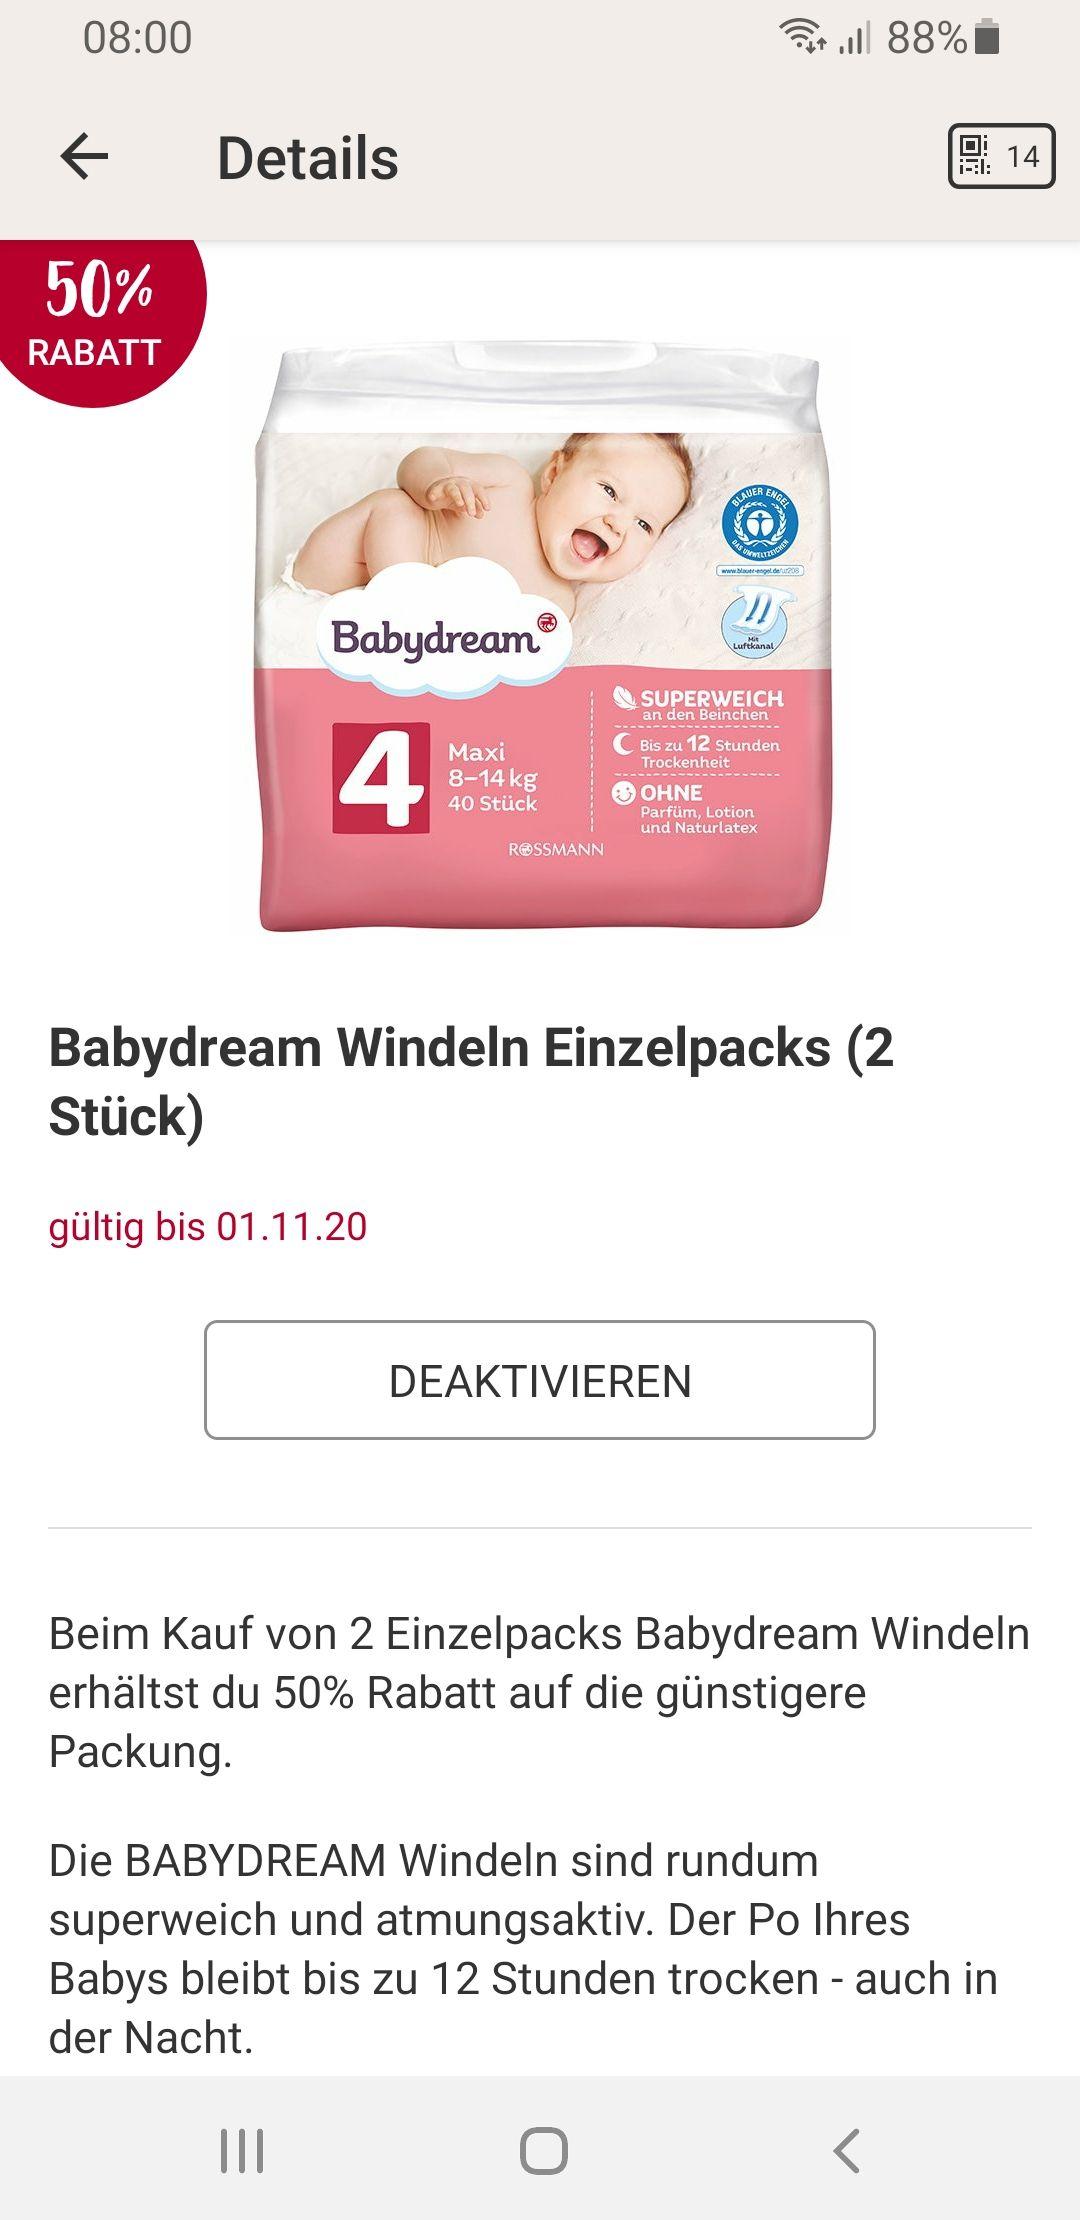 2x Rossmann Babydream Windeln